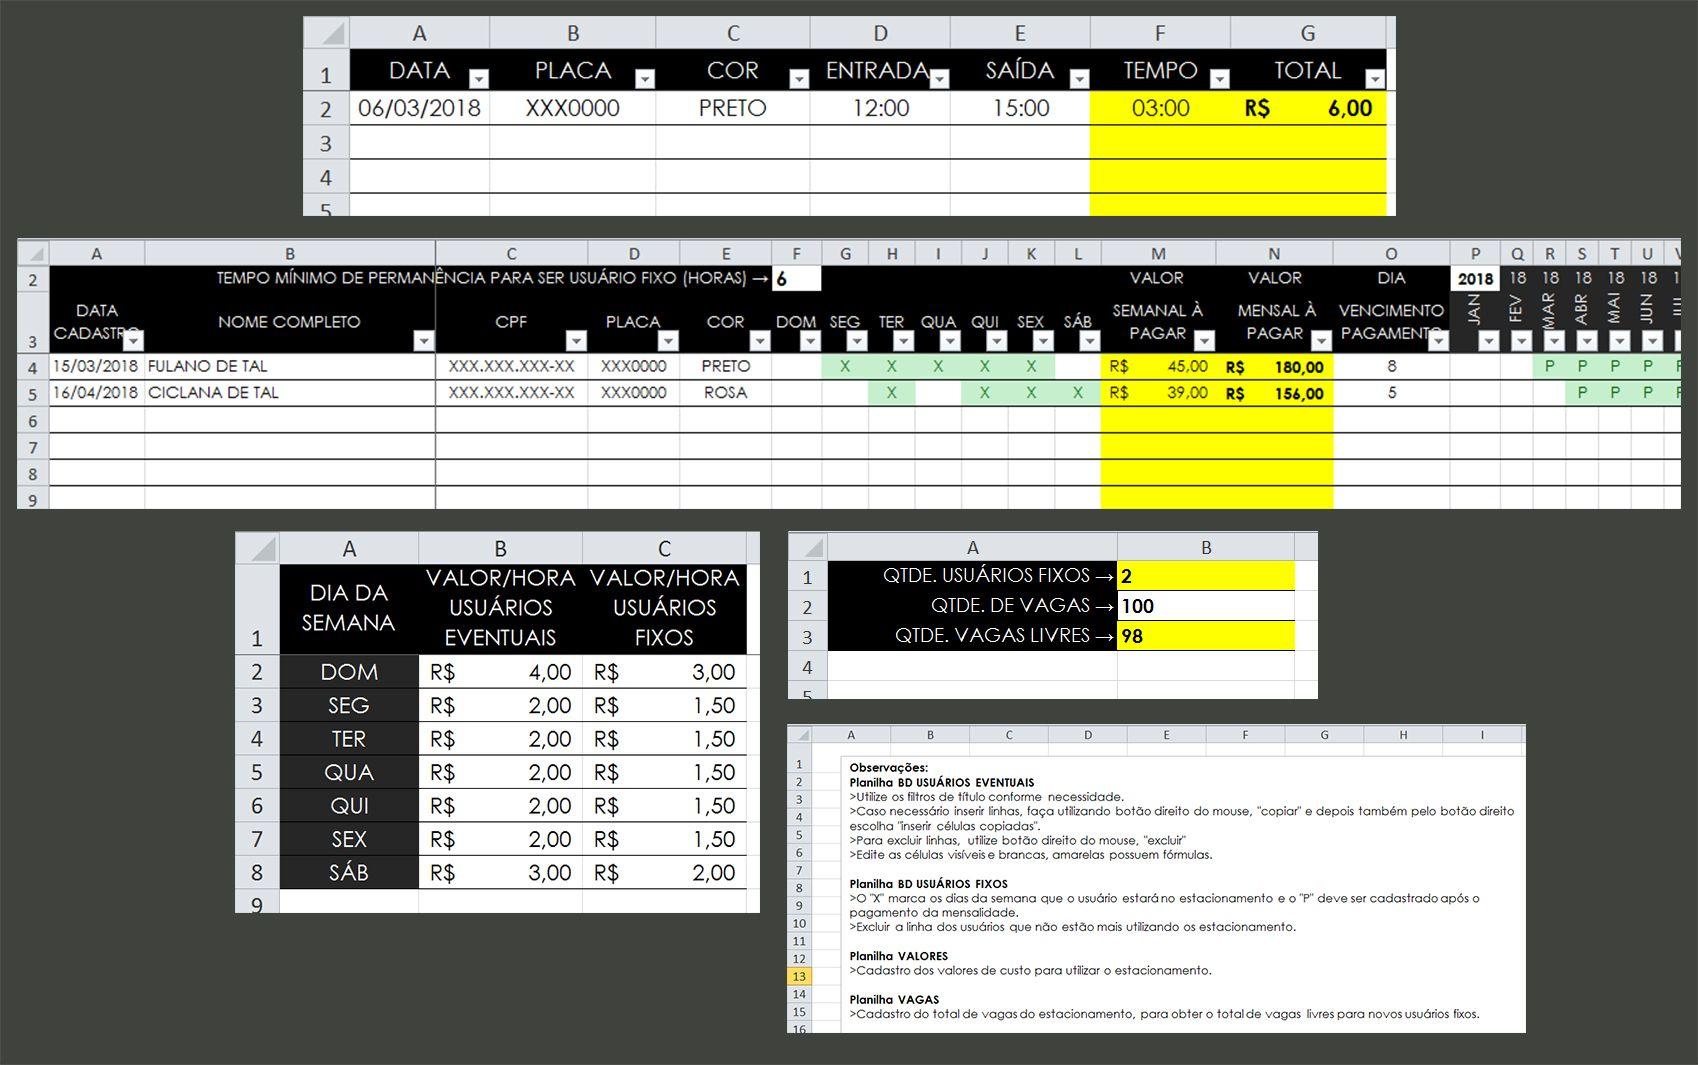 93f754771e93 Este arquivo de Excel traz a solução para o controle de estacionamento.  Permite cadastrar os usuários eventuais e fixos, obtendo pelos filtros  qualquer ...